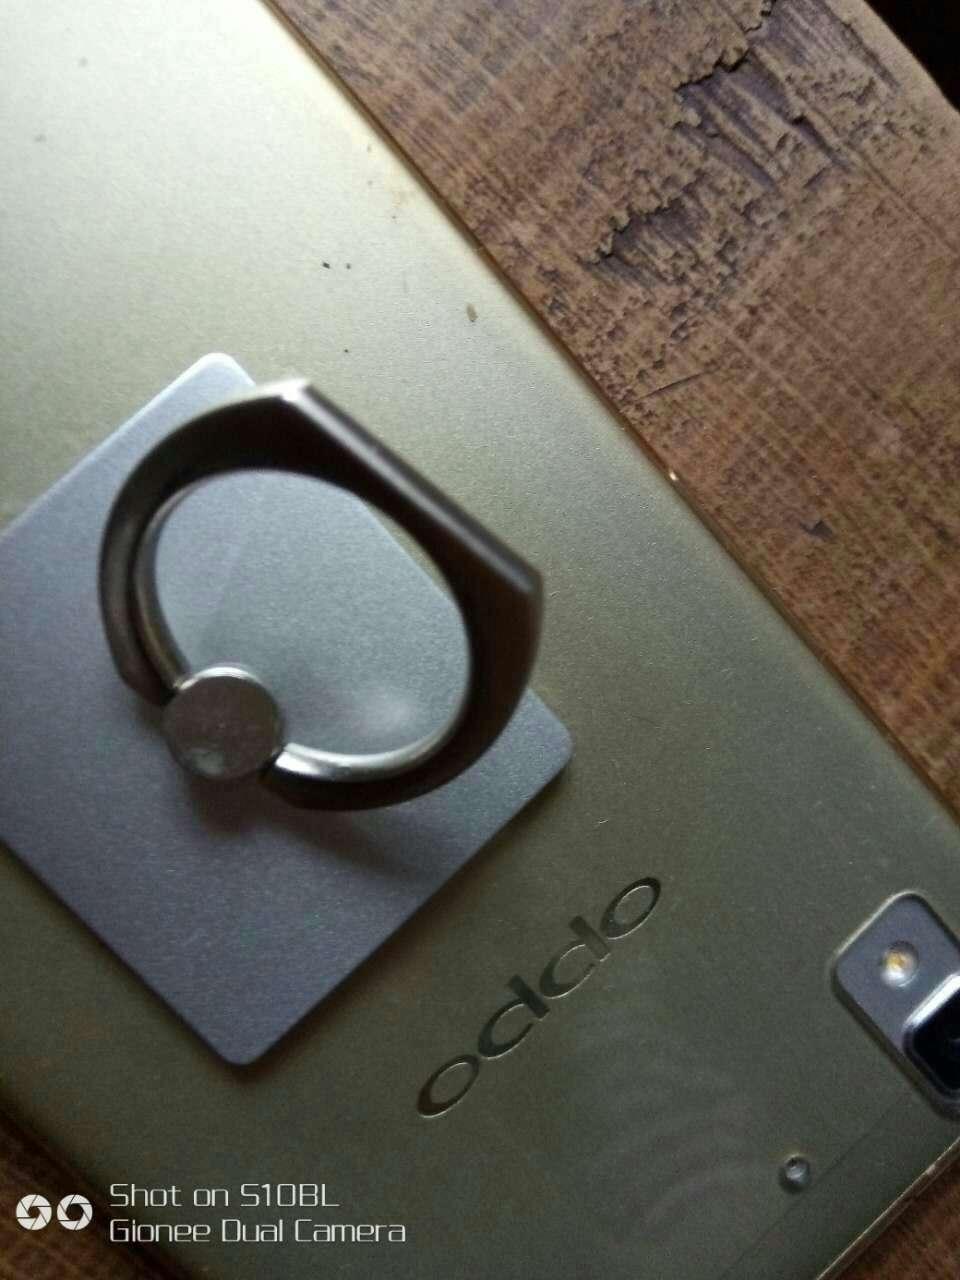 酷乐锋手机支架平板iPad支架懒人床头桌面支架抖音视频俯网课直播支架可调节金属手机夹苹果华为小米手机架